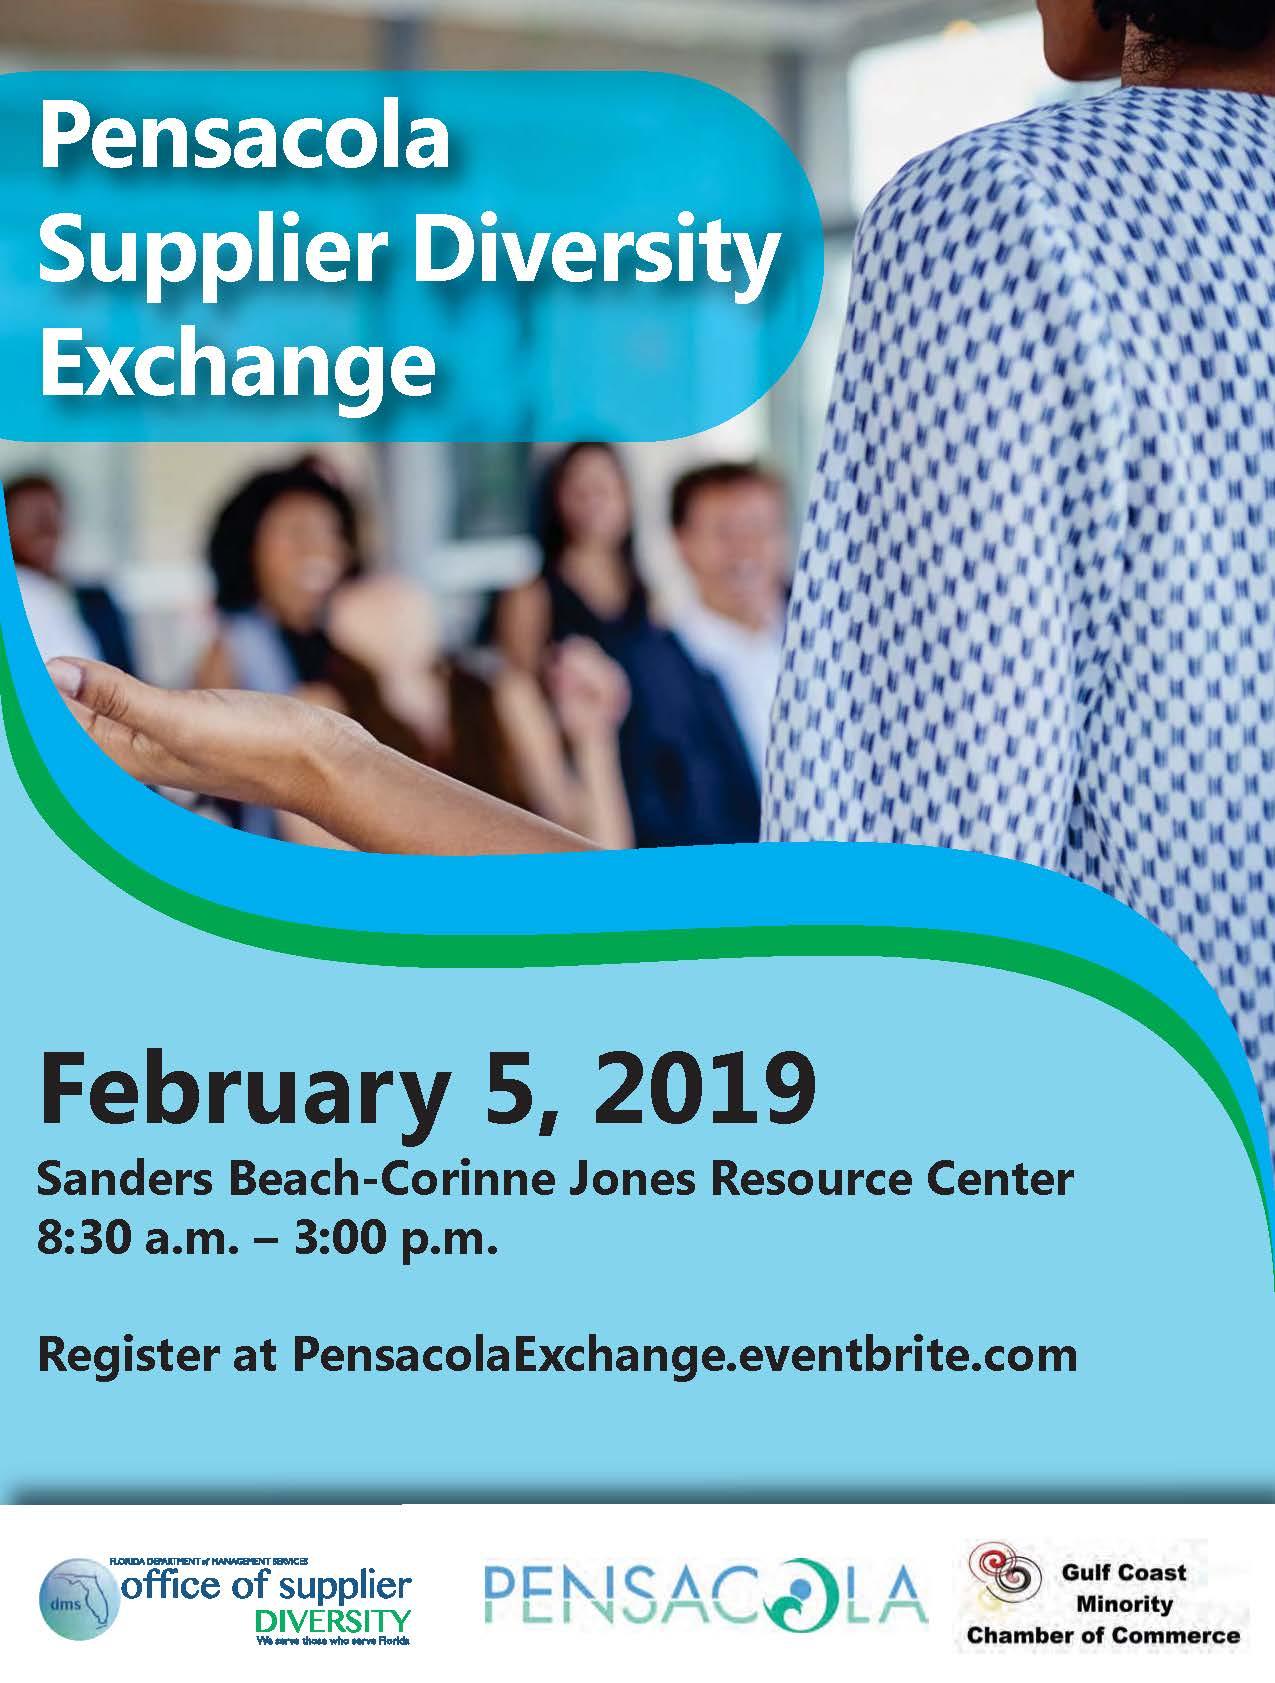 Pensacola Event Calendar February 2019 City of Pensacola, Florida Official Website